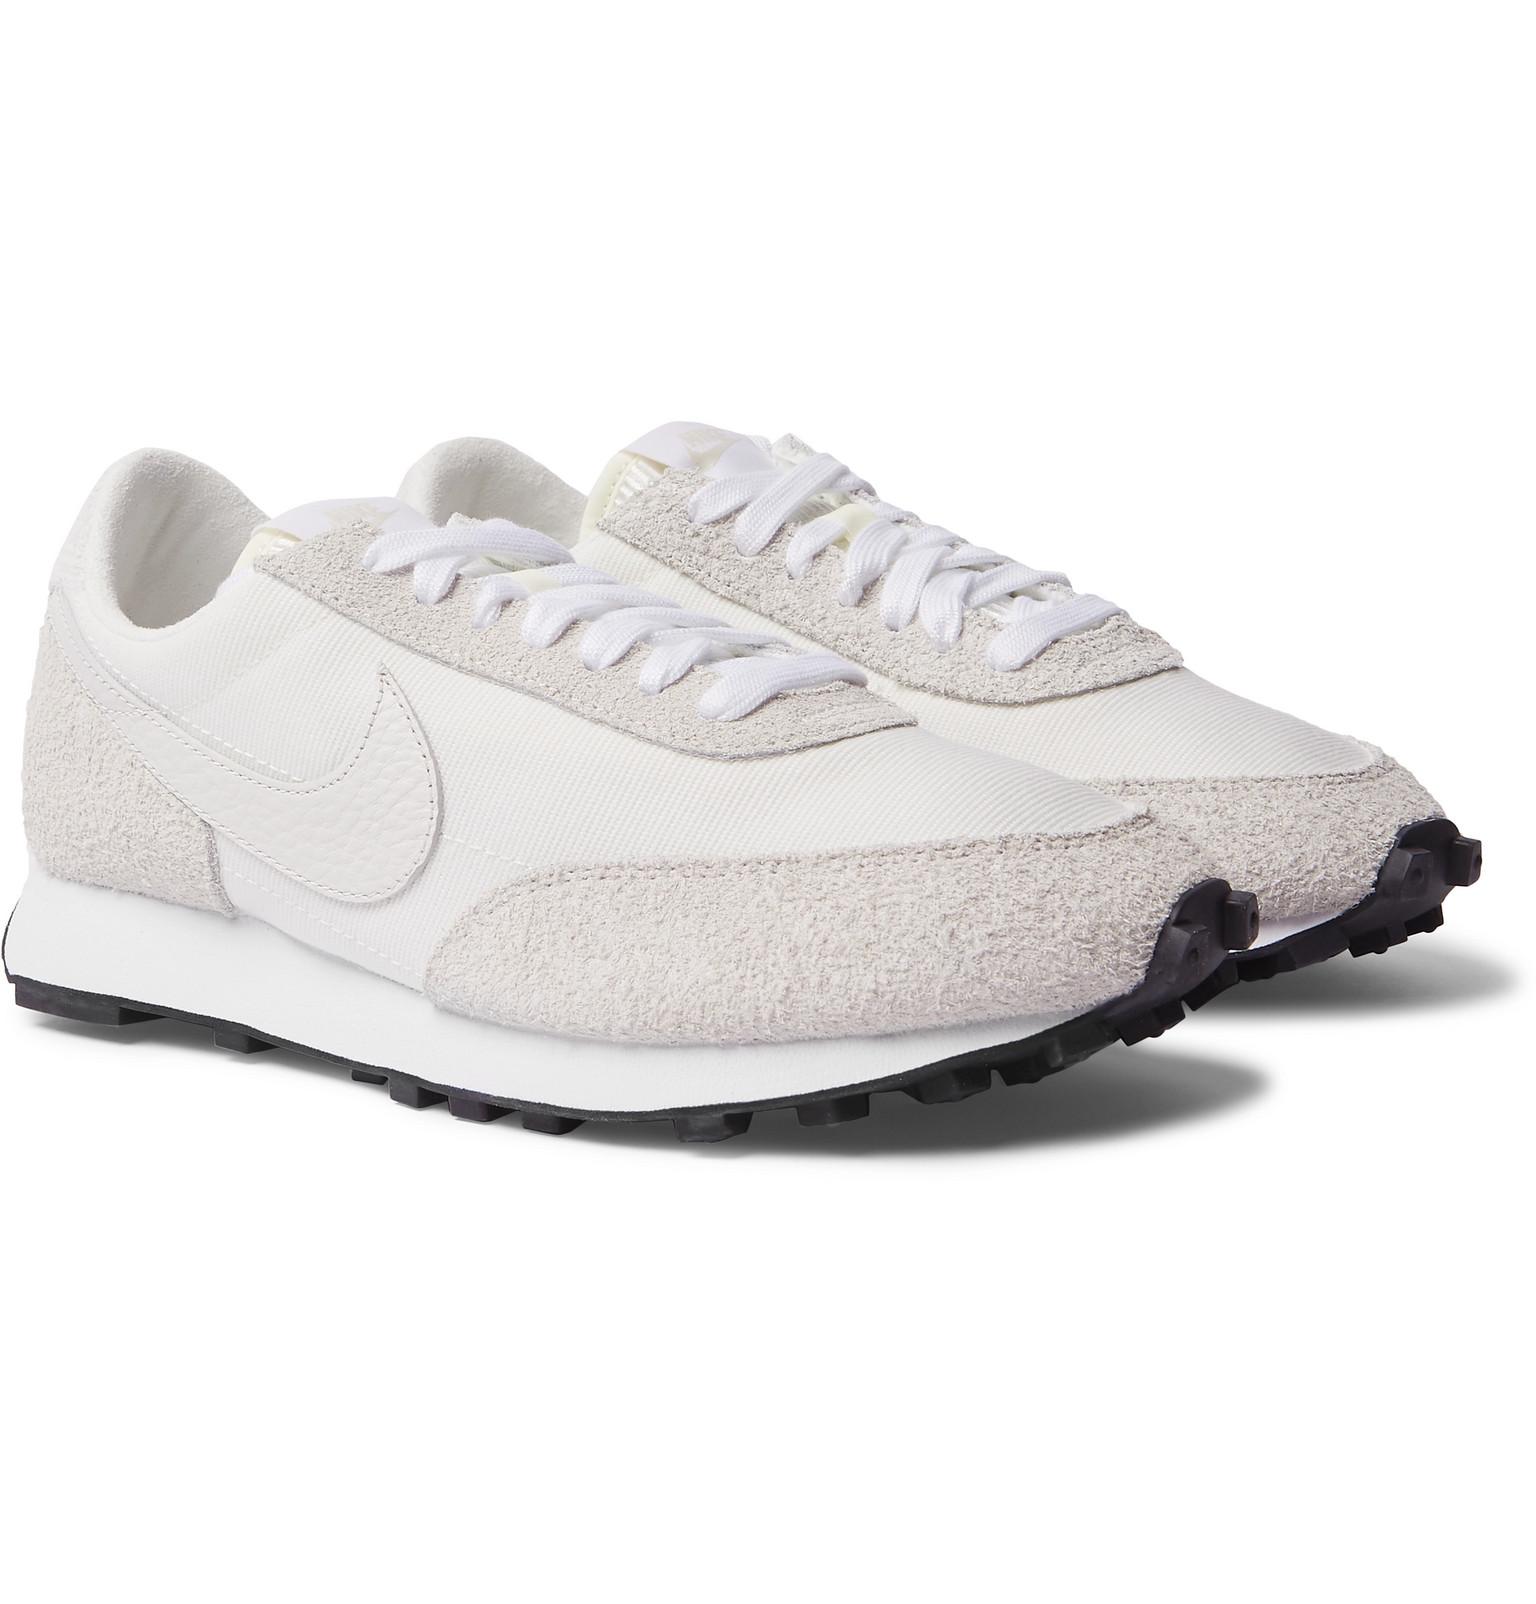 Die besten weißen Sneaker 2020: Nike white sneakers